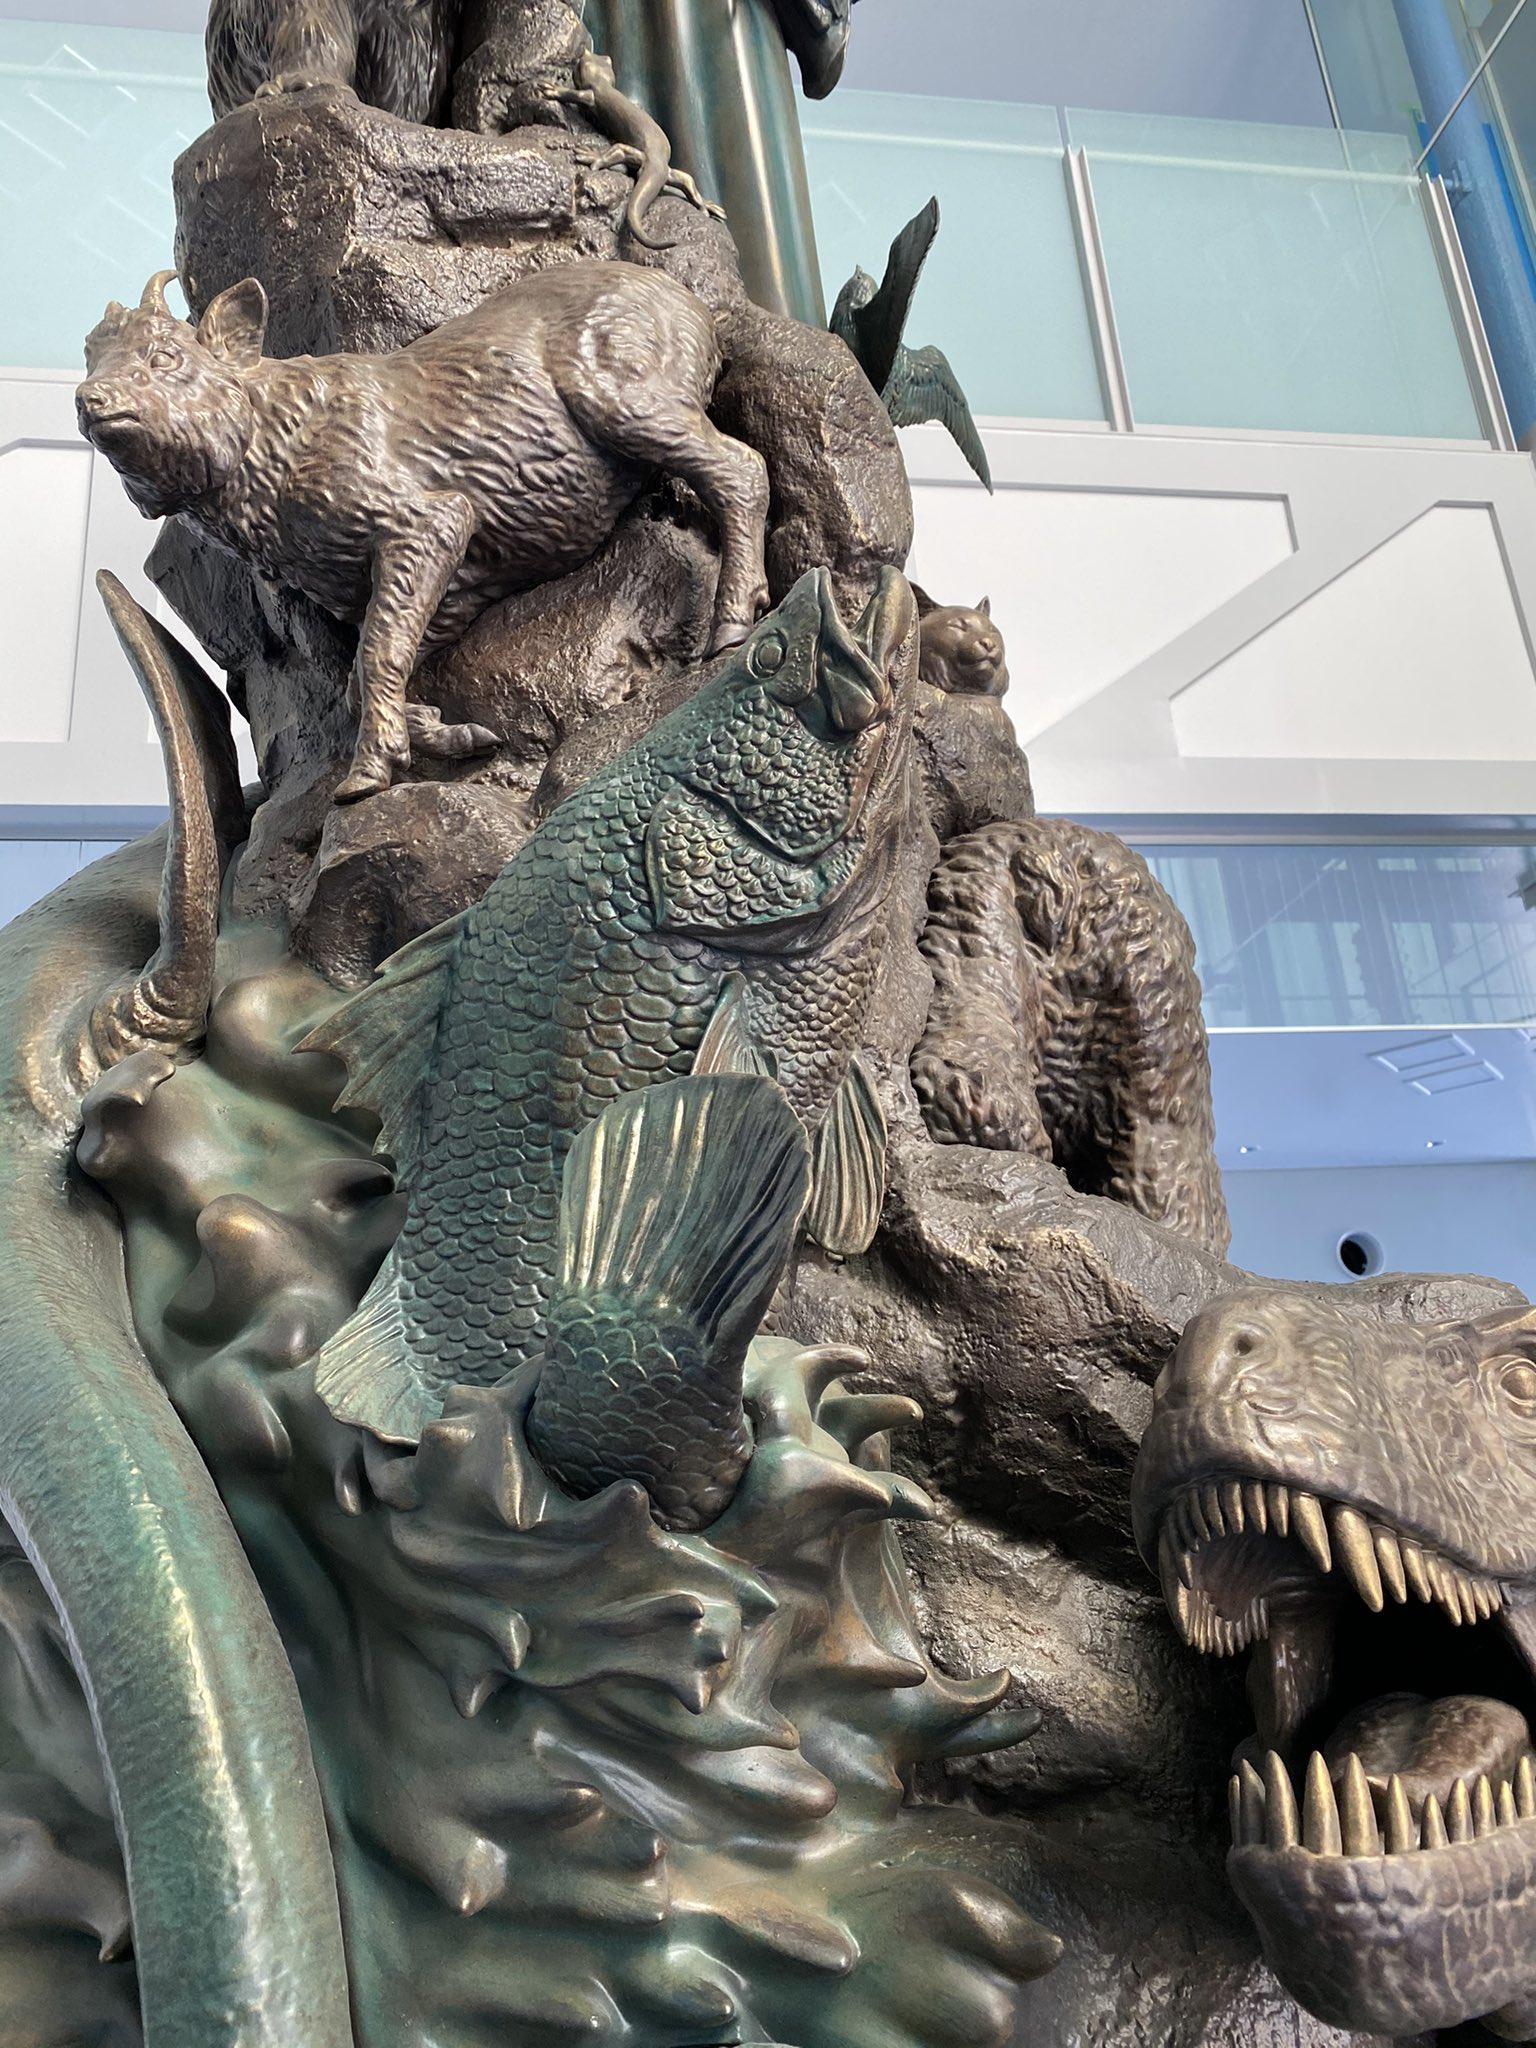 """宮脇修一 海洋堂センム on Twitter: """"高知県南国市 海洋堂スペースファクトリーなんこくのエントランスに飾られる松村しのぶ原型の生命の塔 高知県にまつわるハシビロコウ、カワウソ、ヤイロチヨウニタリくじら動物たちが造形されています。… """""""